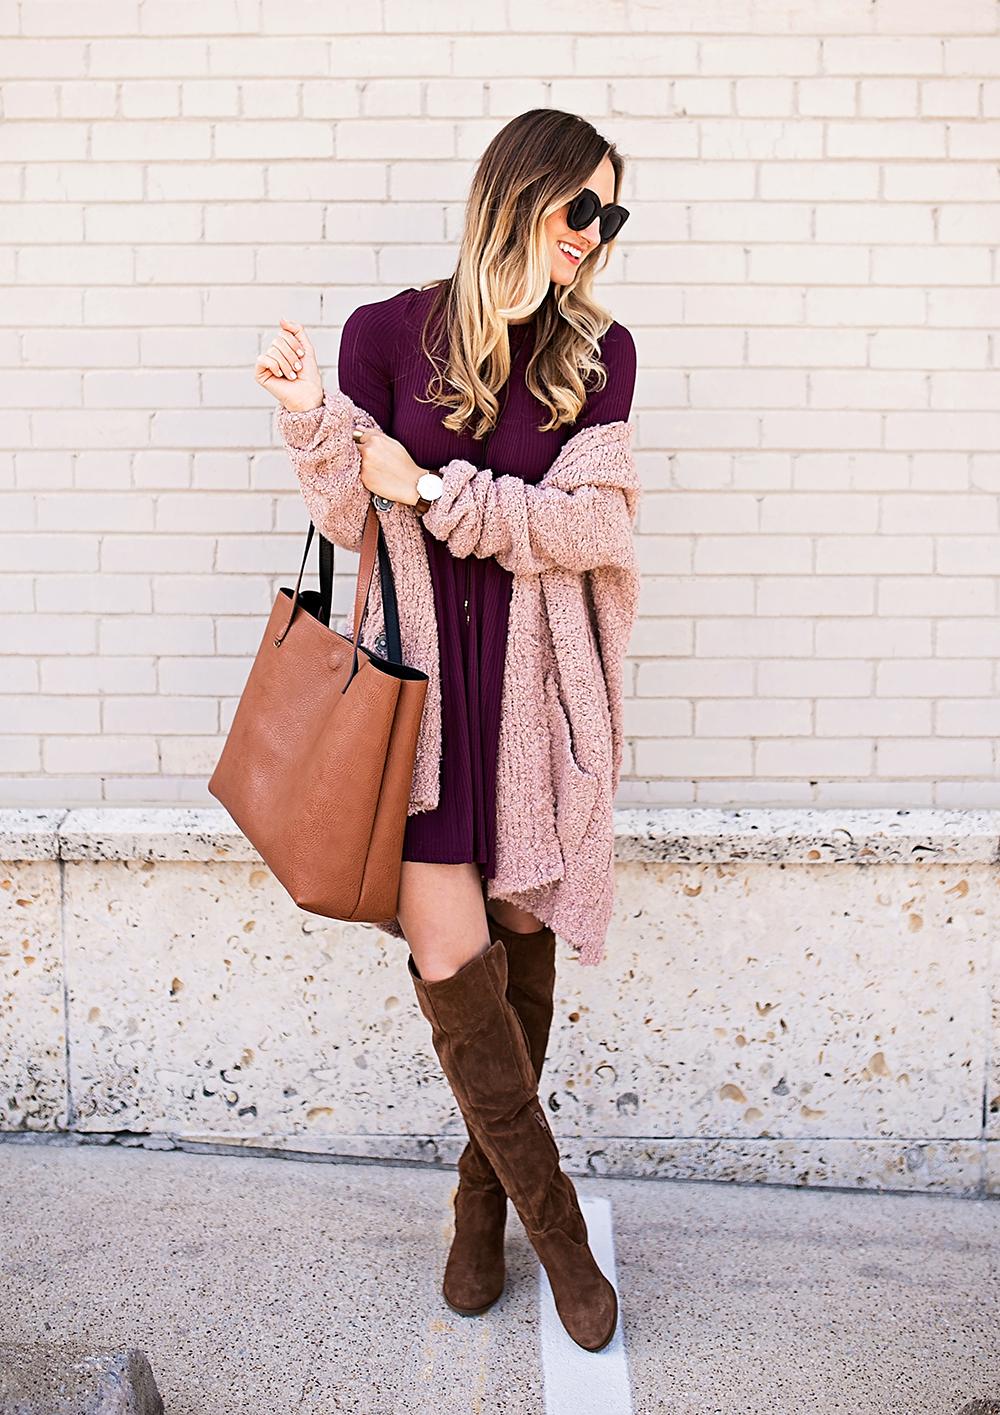 livvyland-blog-olivia-watson-cozy-fall-layers-dress-otk-boots-chunky-knit-cardigan-blush-pink-boho-outfit-9